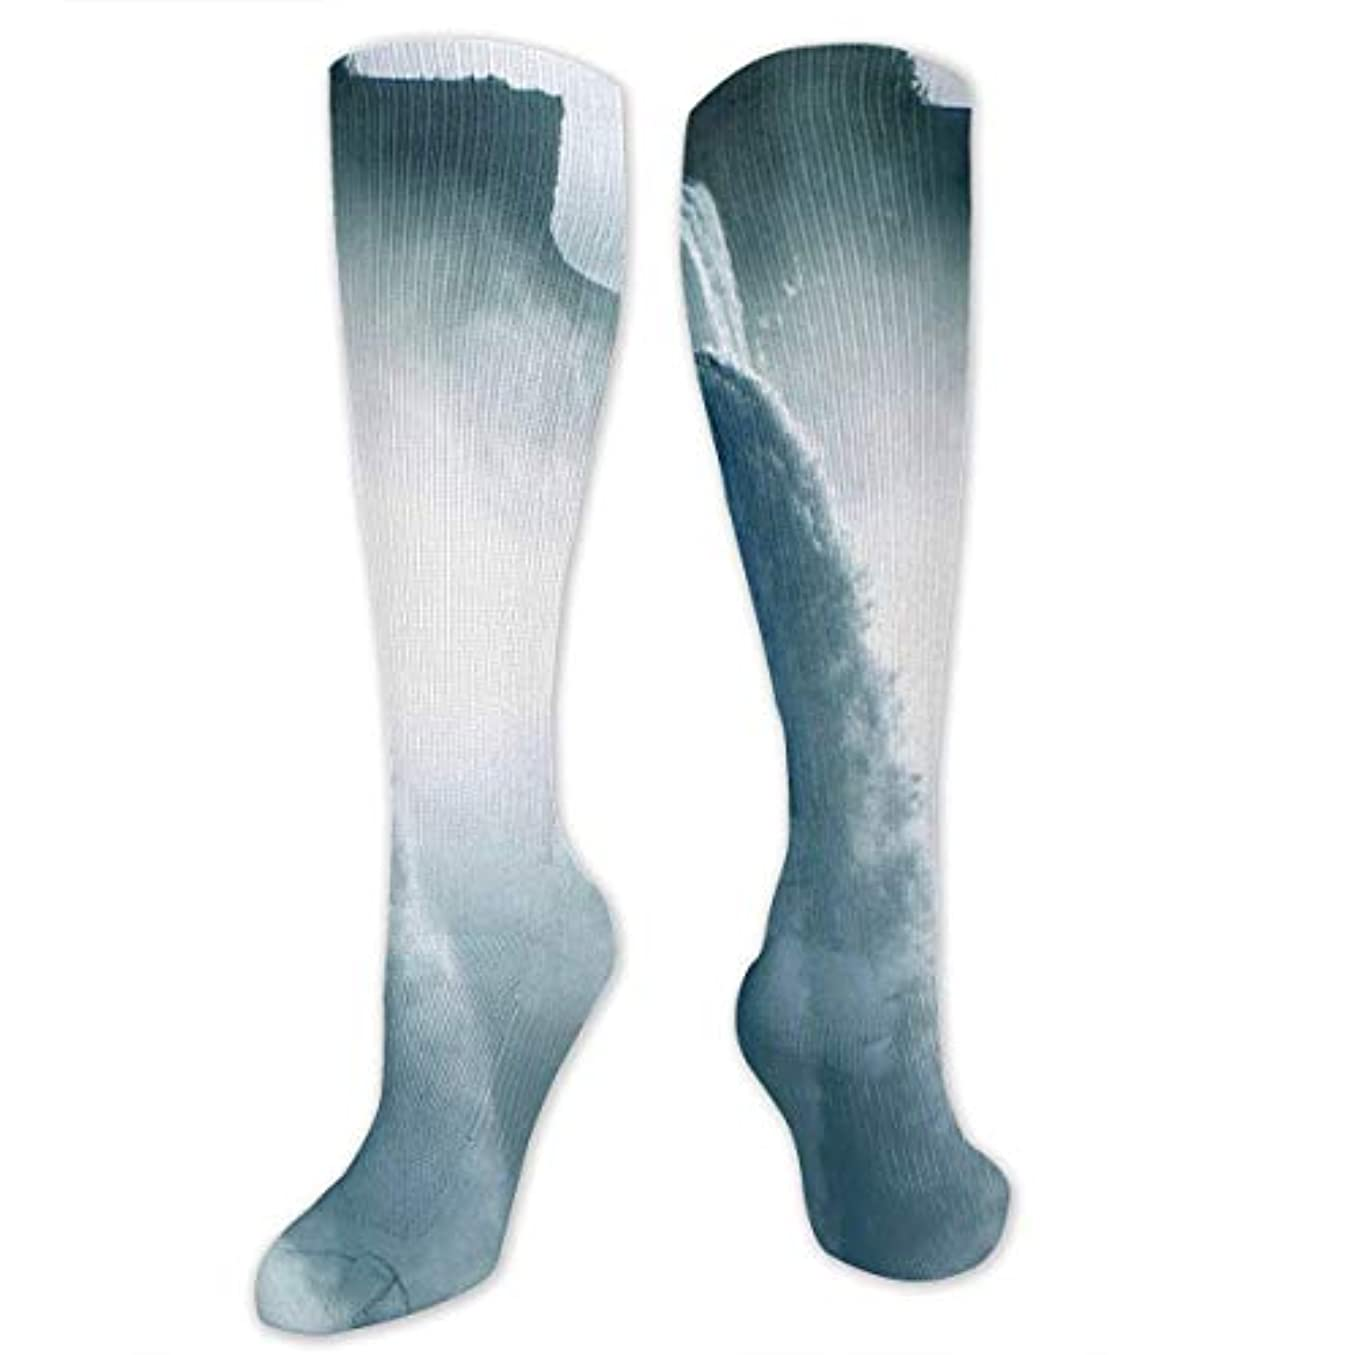 鉛筆小説家管理者靴下,ストッキング,野生のジョーカー,実際,秋の本質,冬必須,サマーウェア&RBXAA Niagara Waterfall Canada Socks Women's Winter Cotton Long Tube Socks...